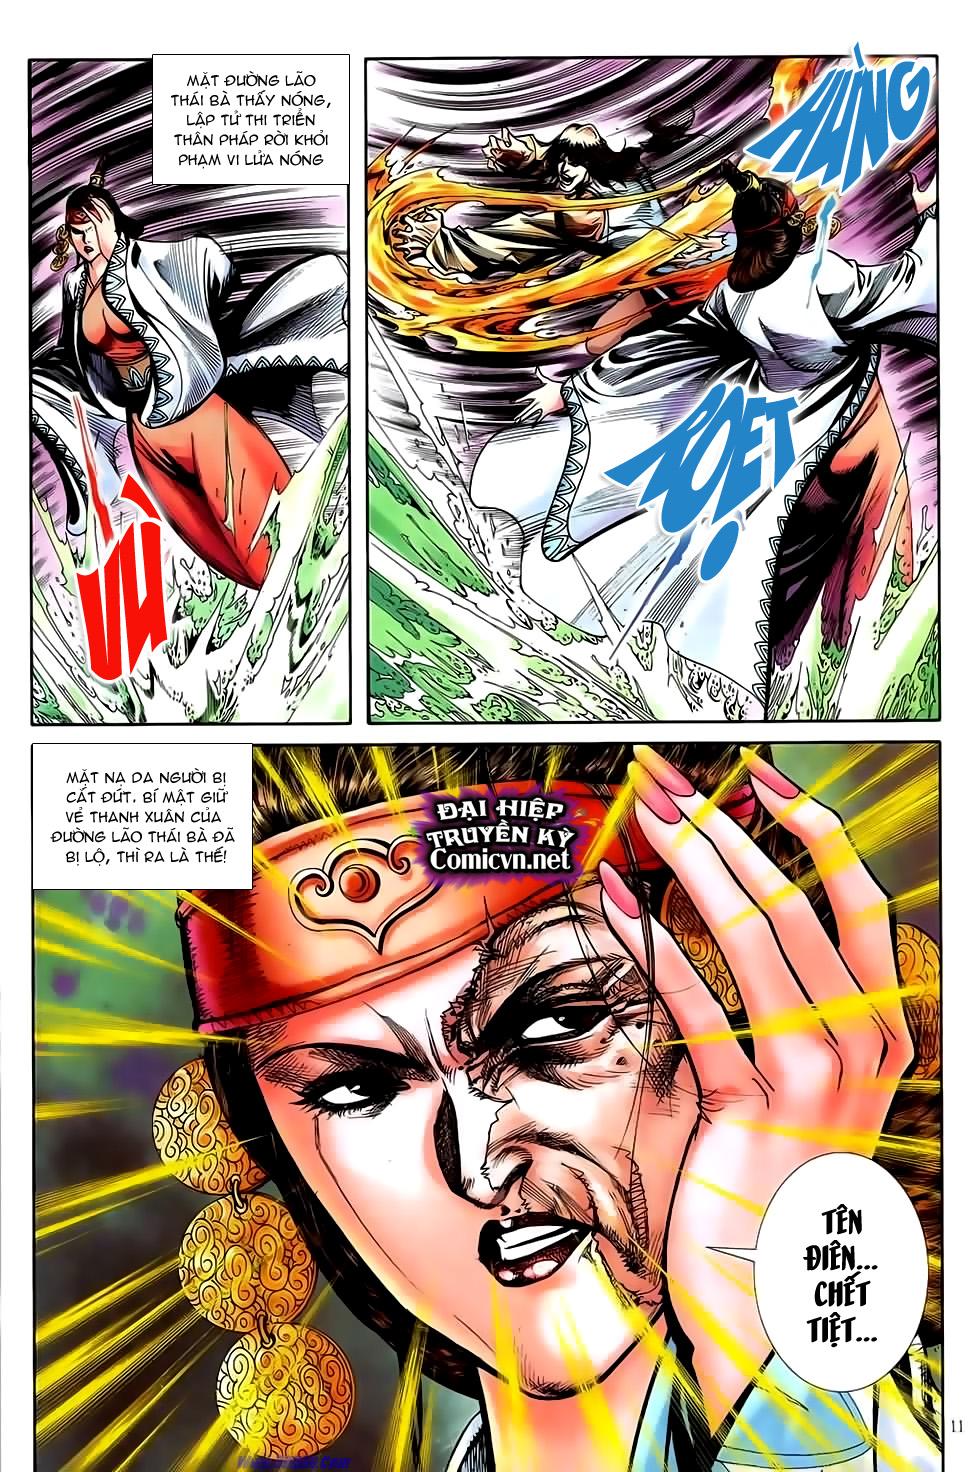 Đại Hiệp Truyền Kỳ (Thần Châu Hậu Truyện) chap 51 - Trang 10